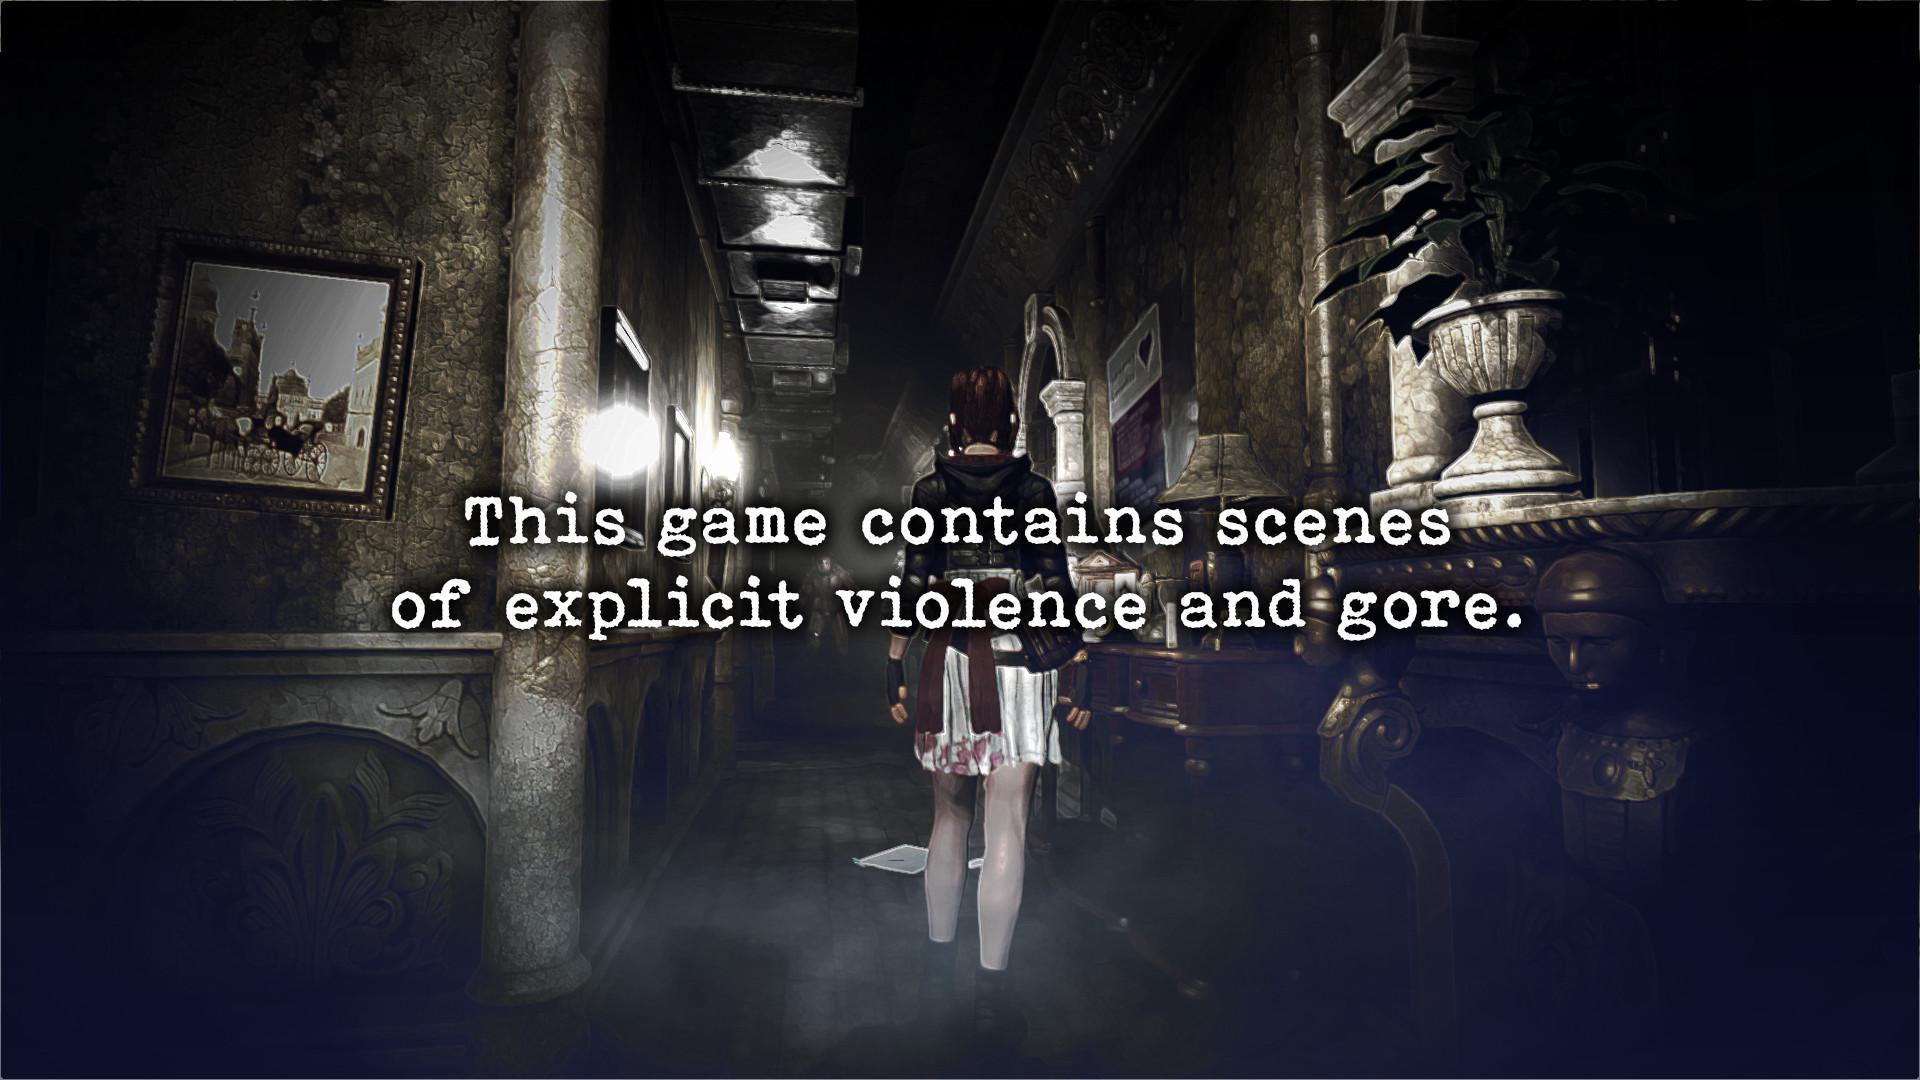 恐怖新遊《受折磨的靈魂》公佈 曾受《惡靈古堡》啟發